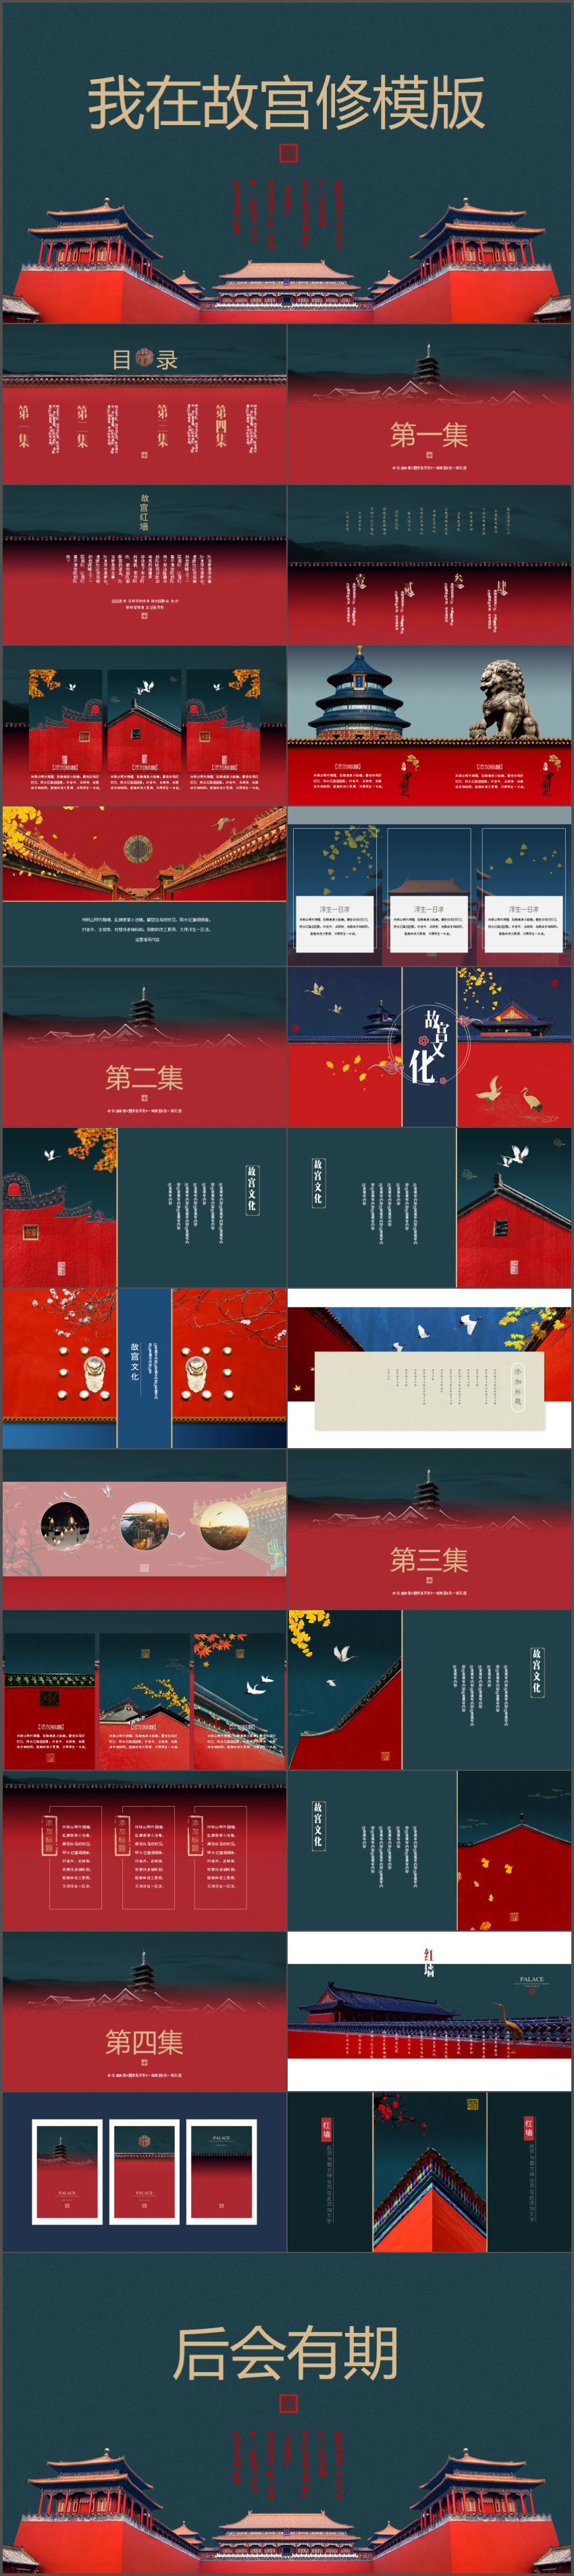 北京故宫古典建筑简约大气设计美学排版2